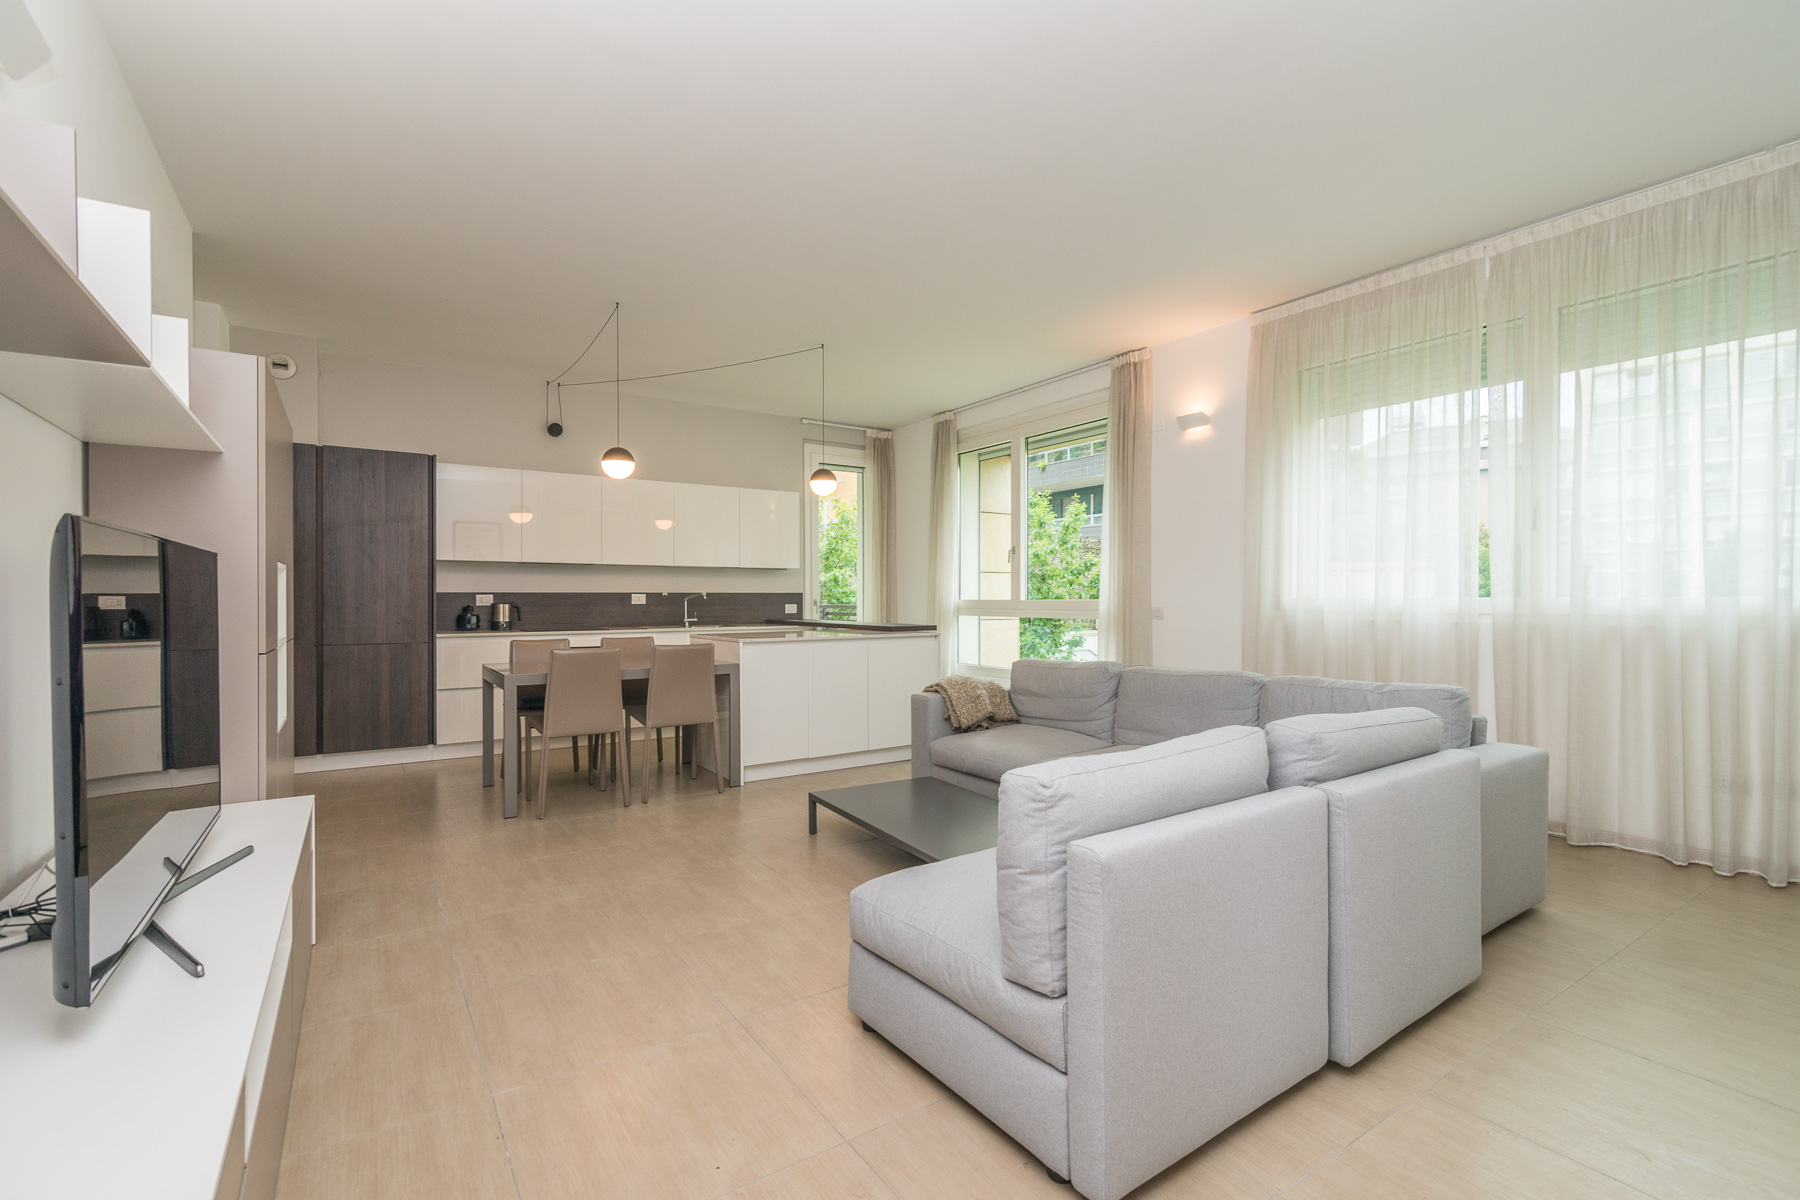 Appartamento in Vendita a Milano 19 Farini / Maciachini / Gattamelata / Sempione / Monumentale:  3 locali, 119 mq  - Foto 1